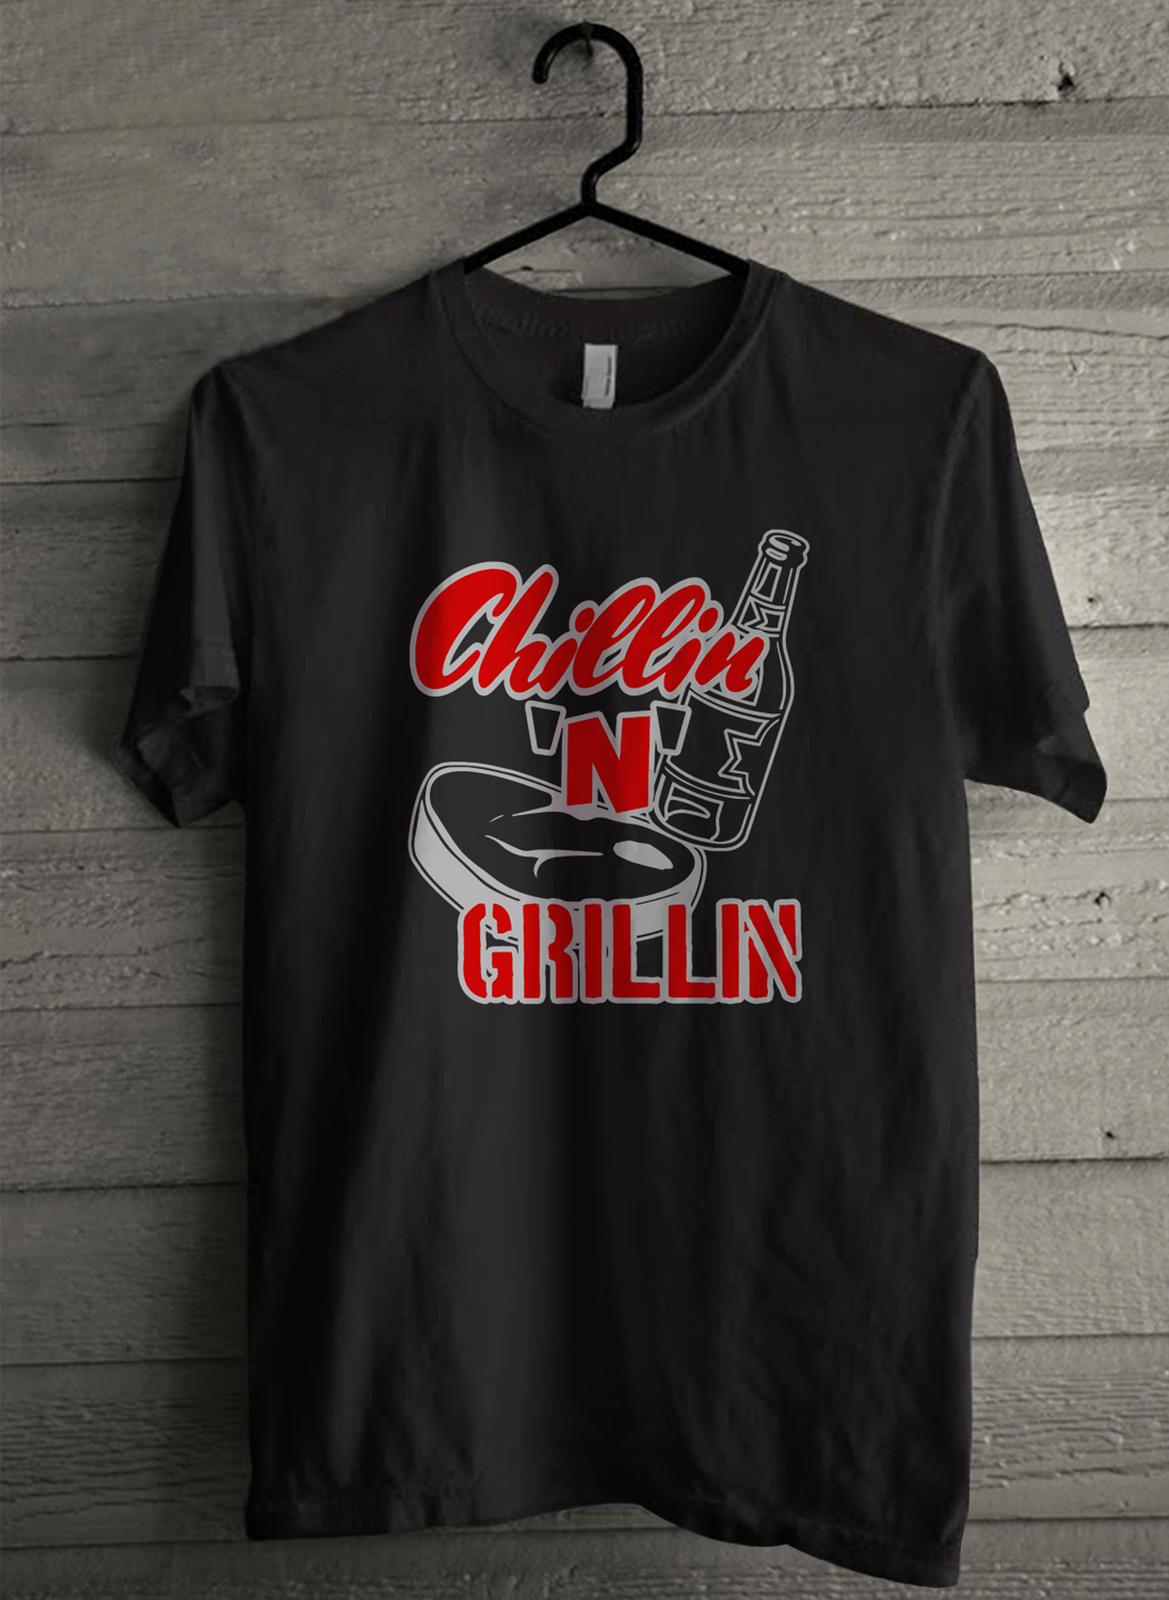 Chillin  n grillin  barbecue